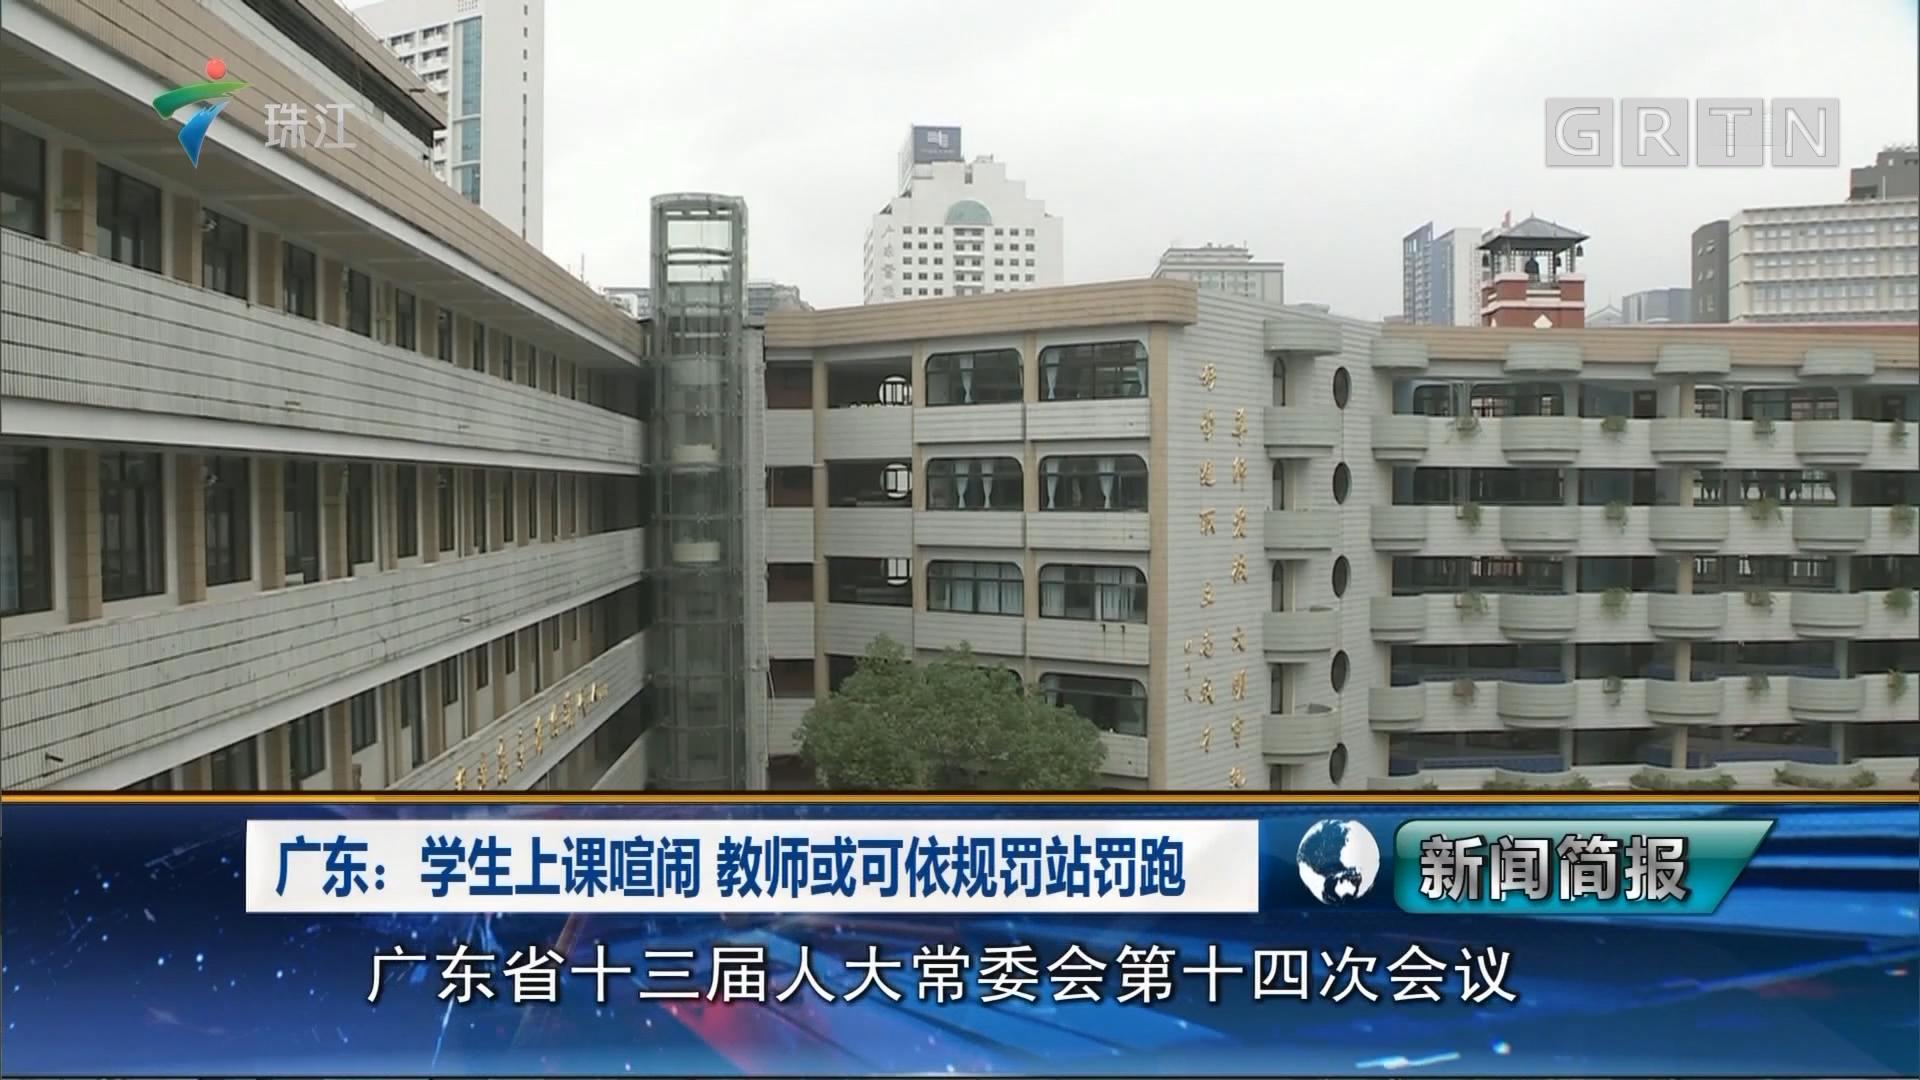 广东:学生上课喧闹 教师或可依规罚站罚跑